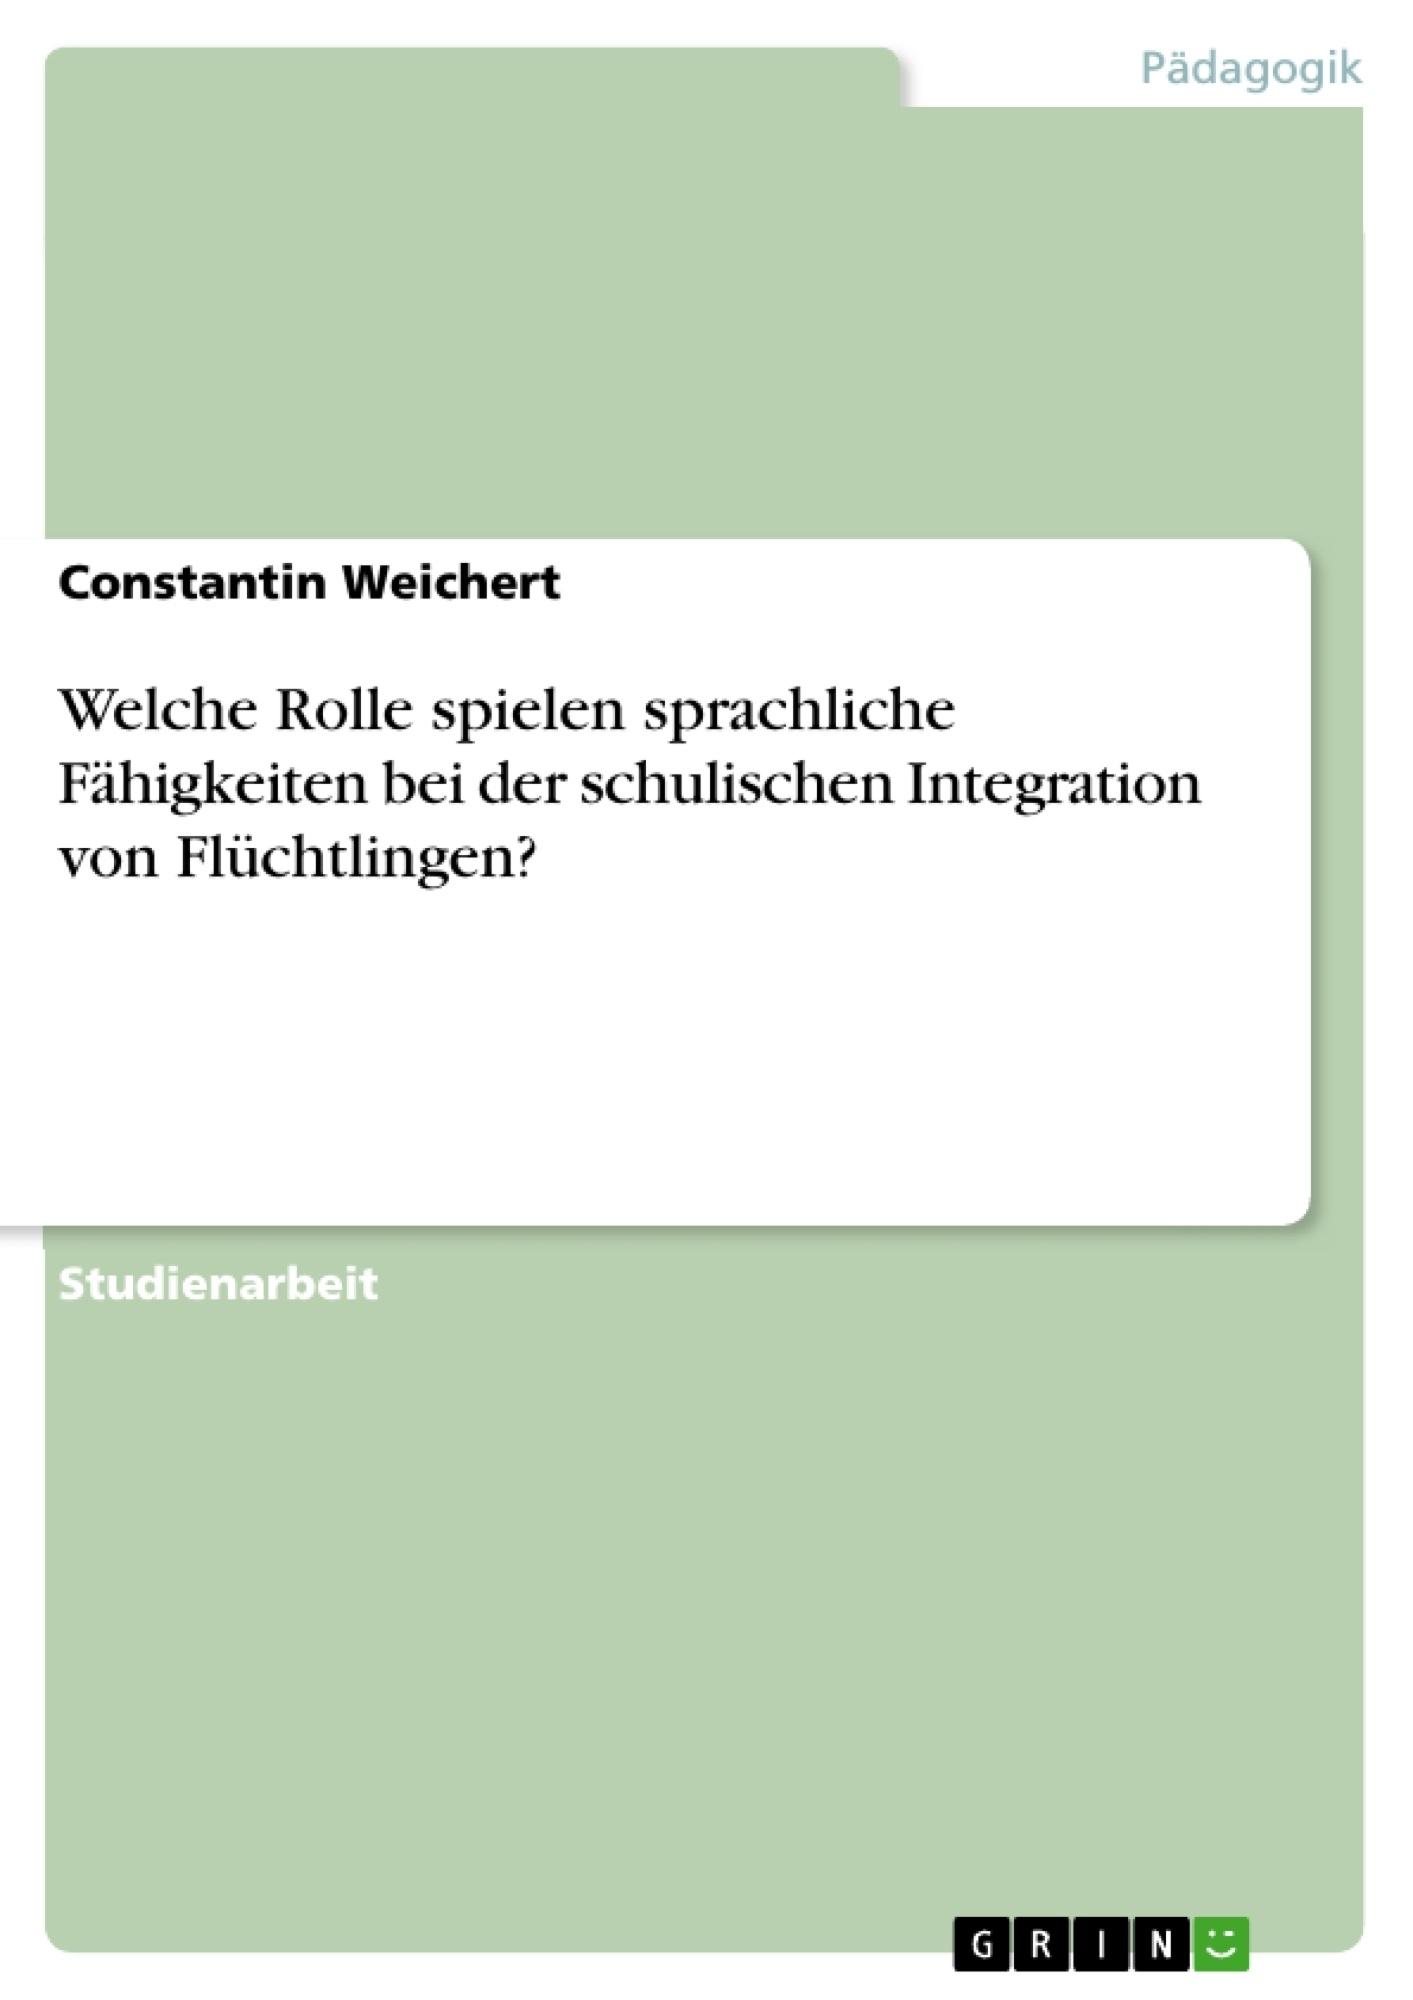 Titel: Welche Rolle spielen sprachliche Fähigkeiten bei der schulischen Integration von Flüchtlingen?